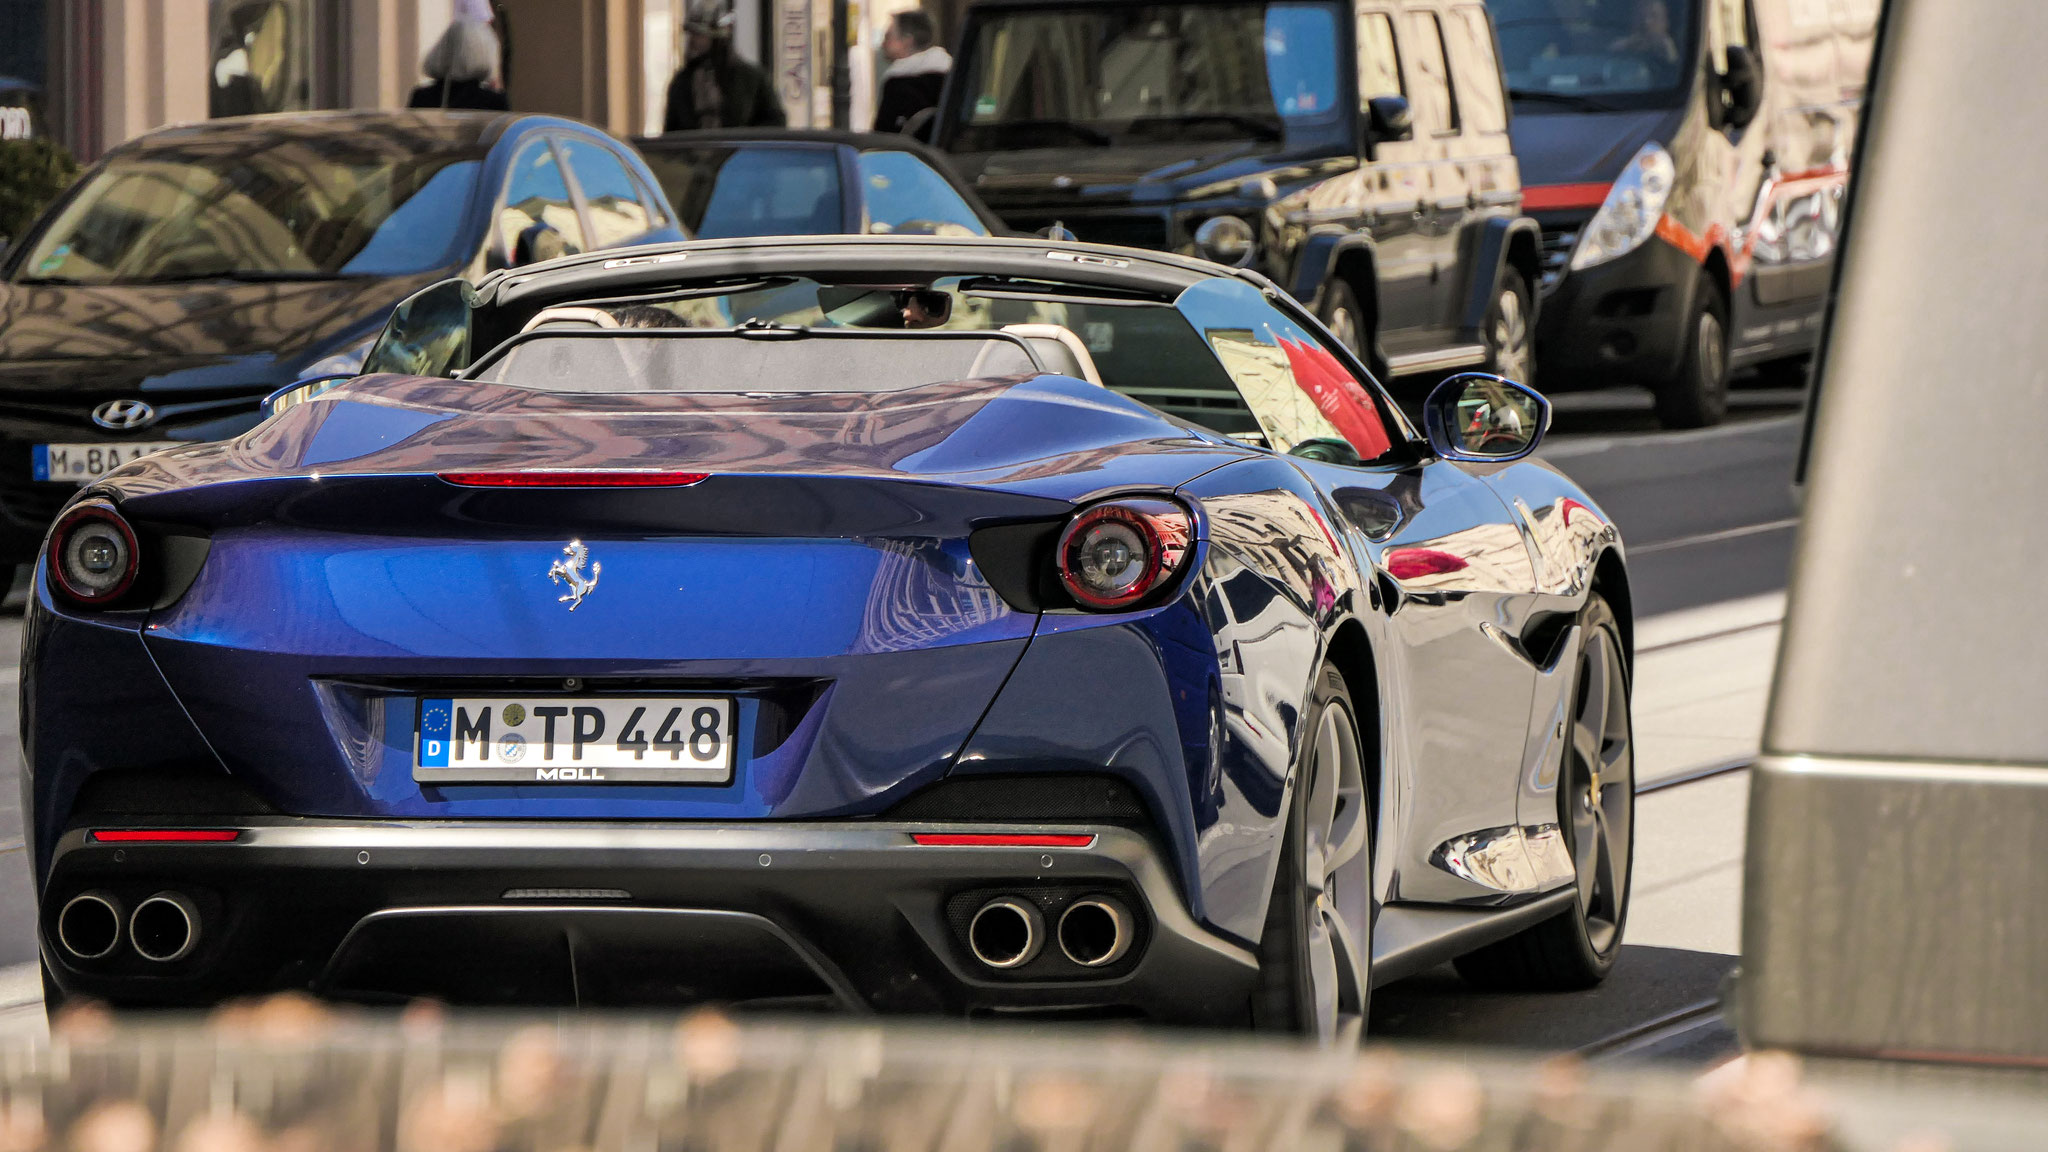 Ferrari Portofino - M-TP-448